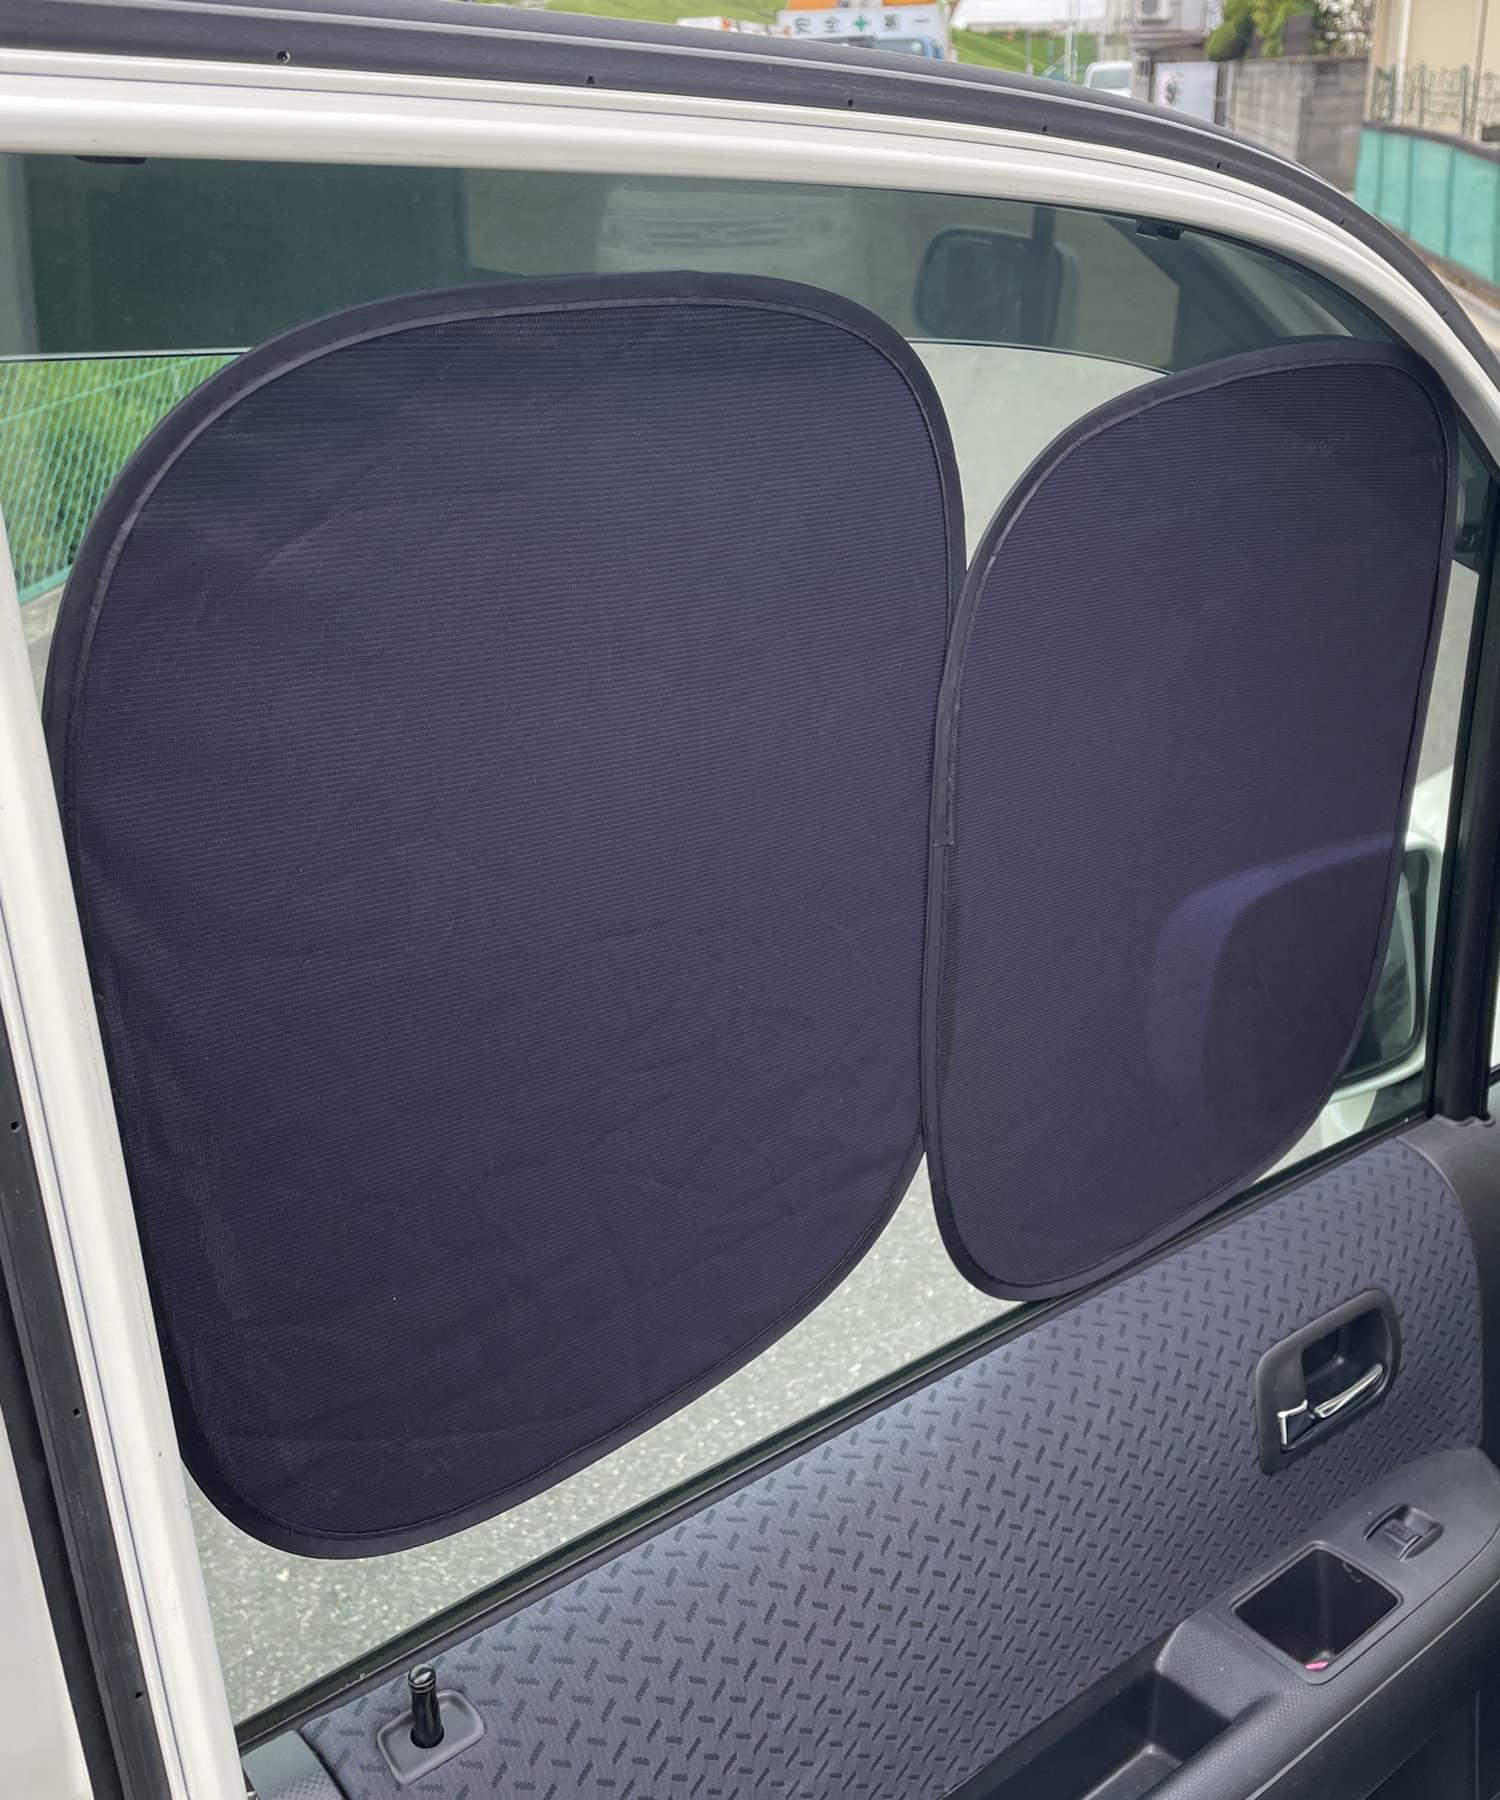 3COINS(スリーコインズ) ライフスタイル 【ドライブを快適に】CAR吸盤のいらないサンシェード2個SET ブラック